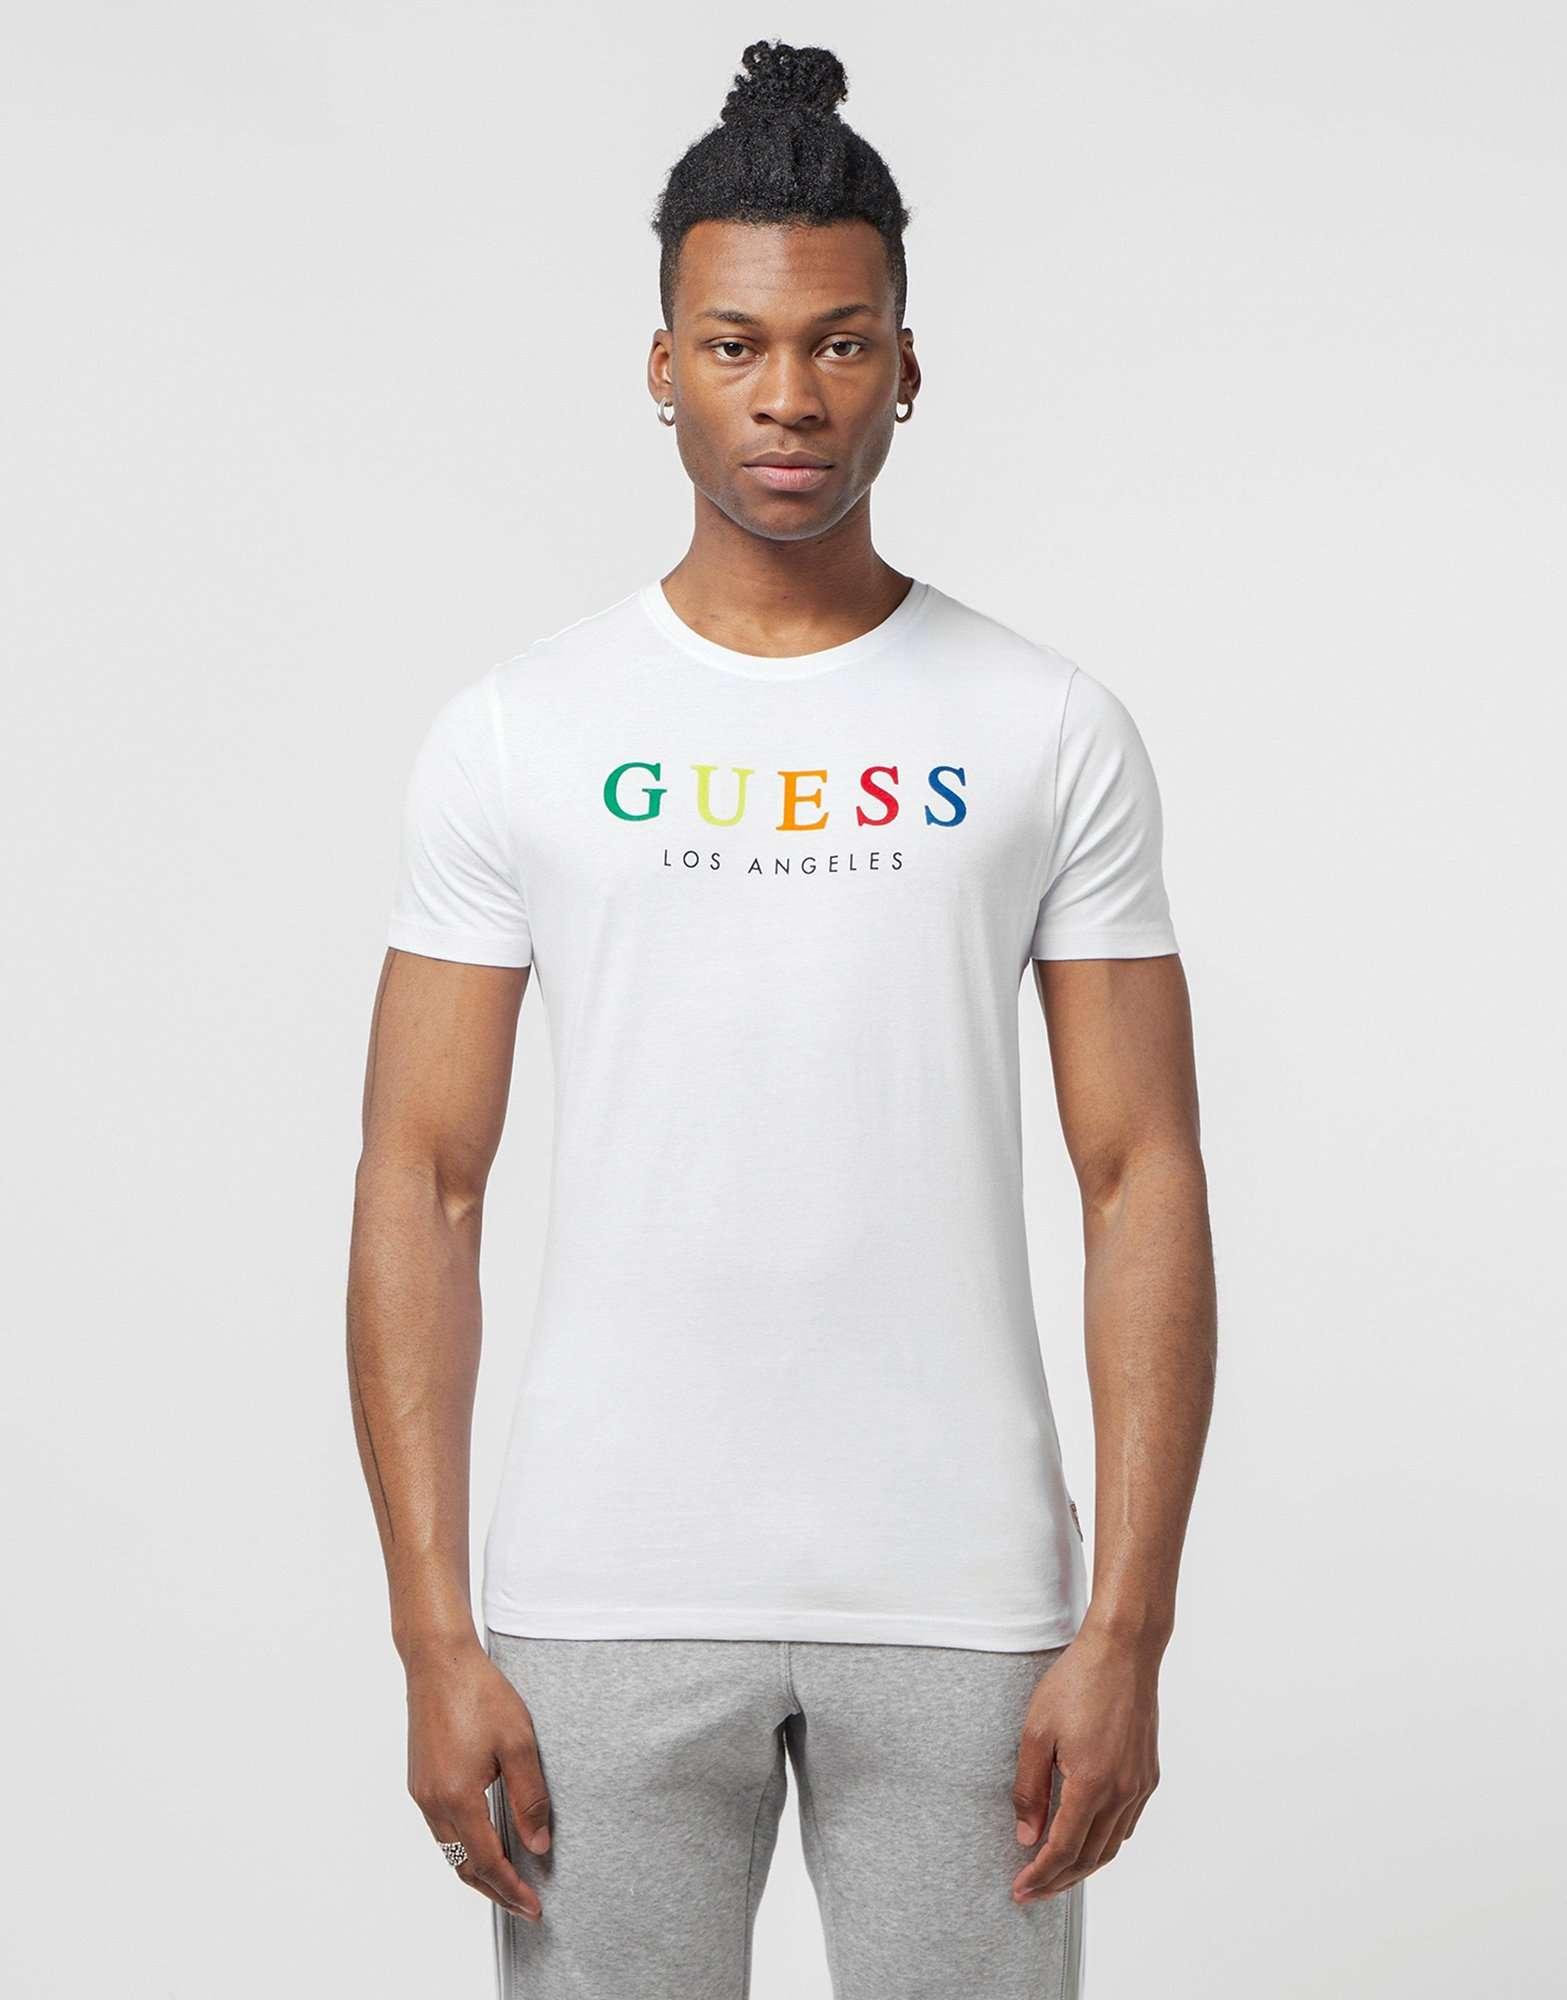 Guess Rainbow Short Sleeve T-Shirt